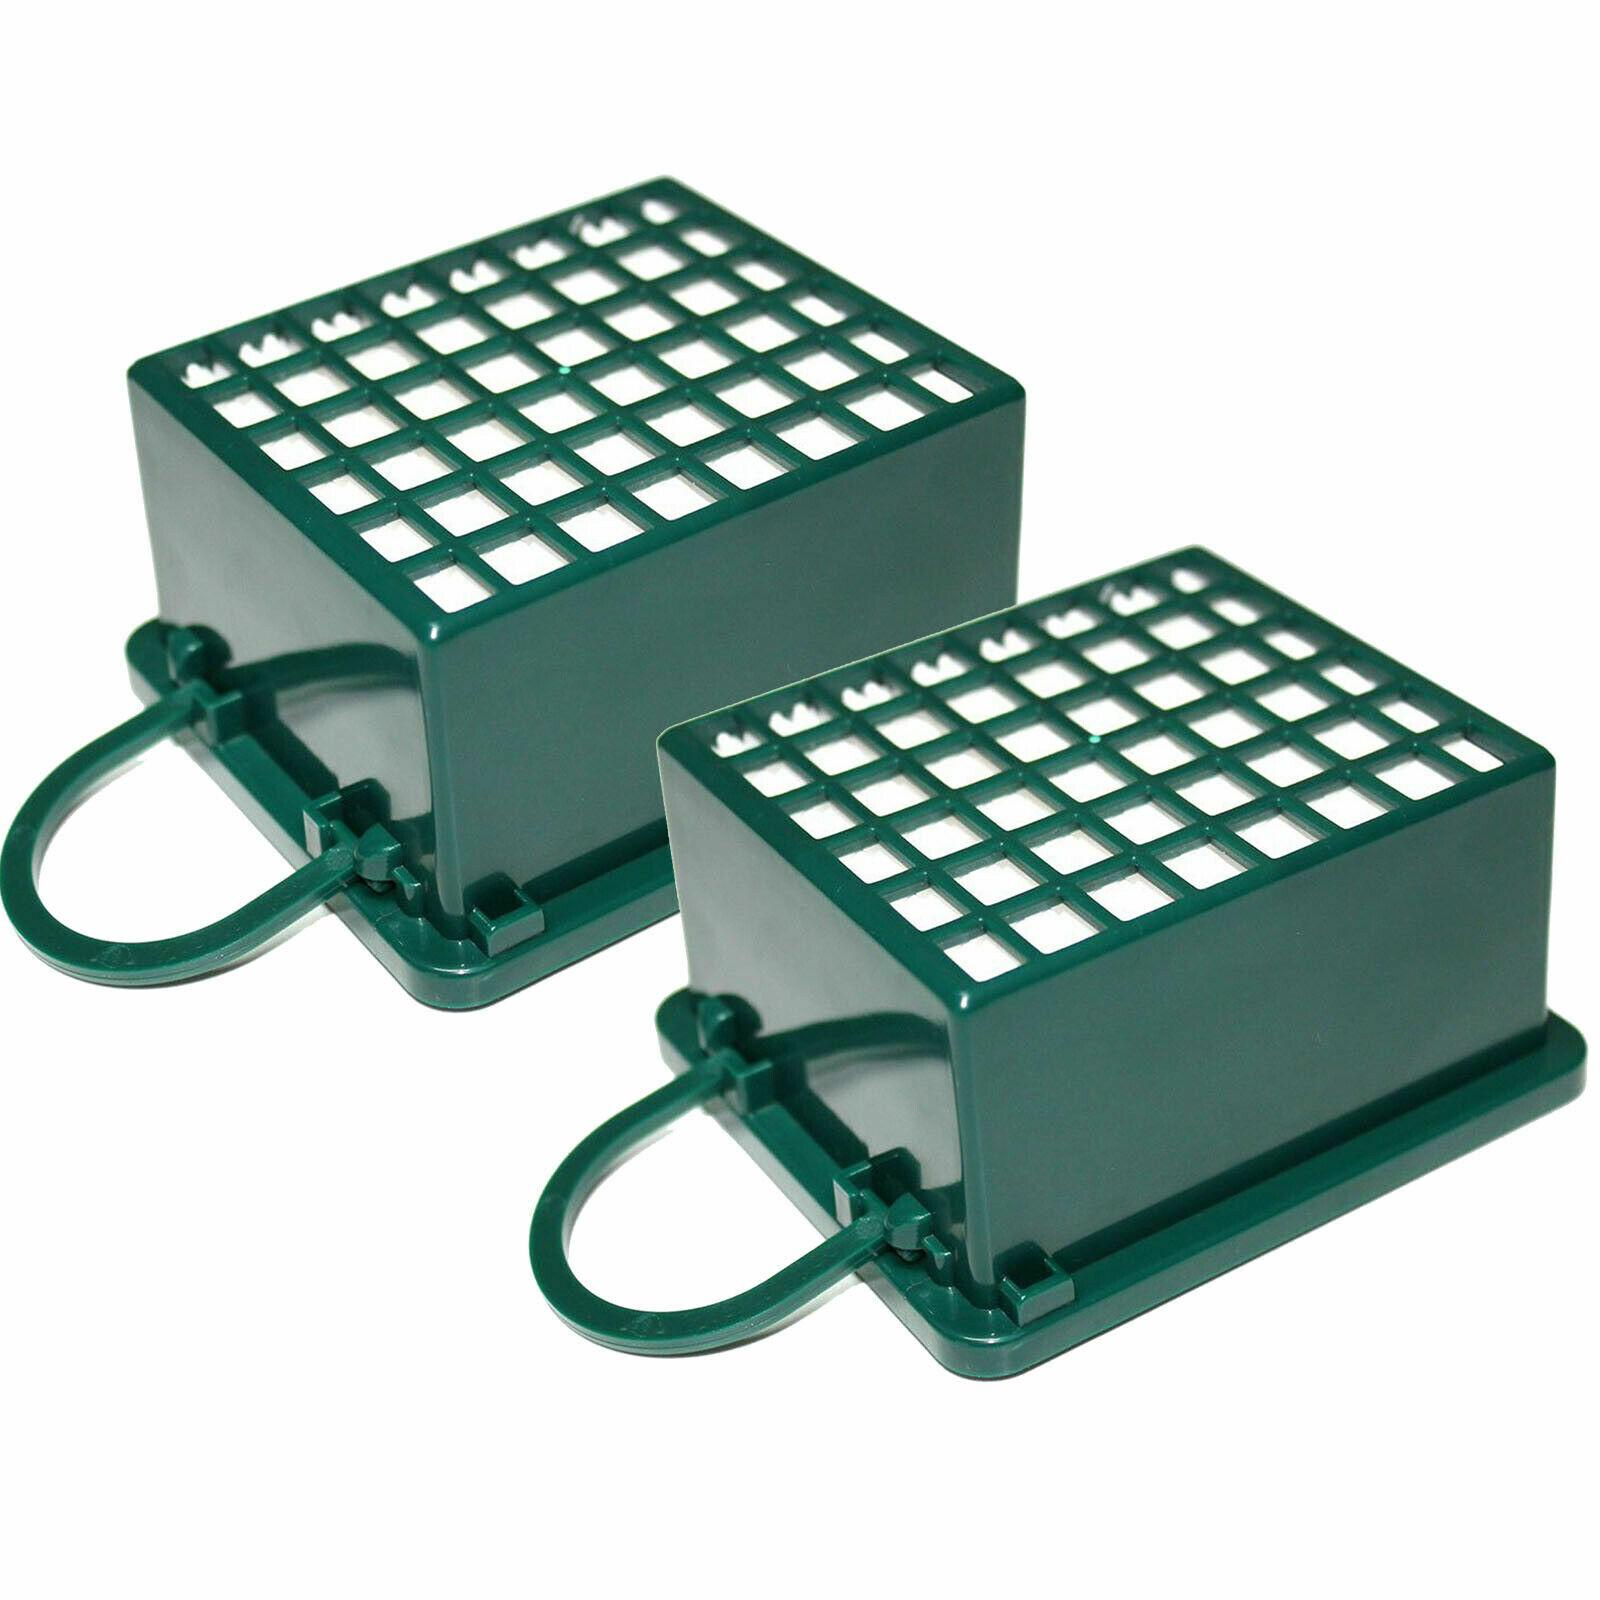 Mango Cable Reversible Boquilla Filtro l/áser Incluye nuevo filtro Vorwerk Kobold VK 131/Raz/ón dispositivo Motor + 6/vles Bolsa microfiltro y filtro de olores Ventosa Canal